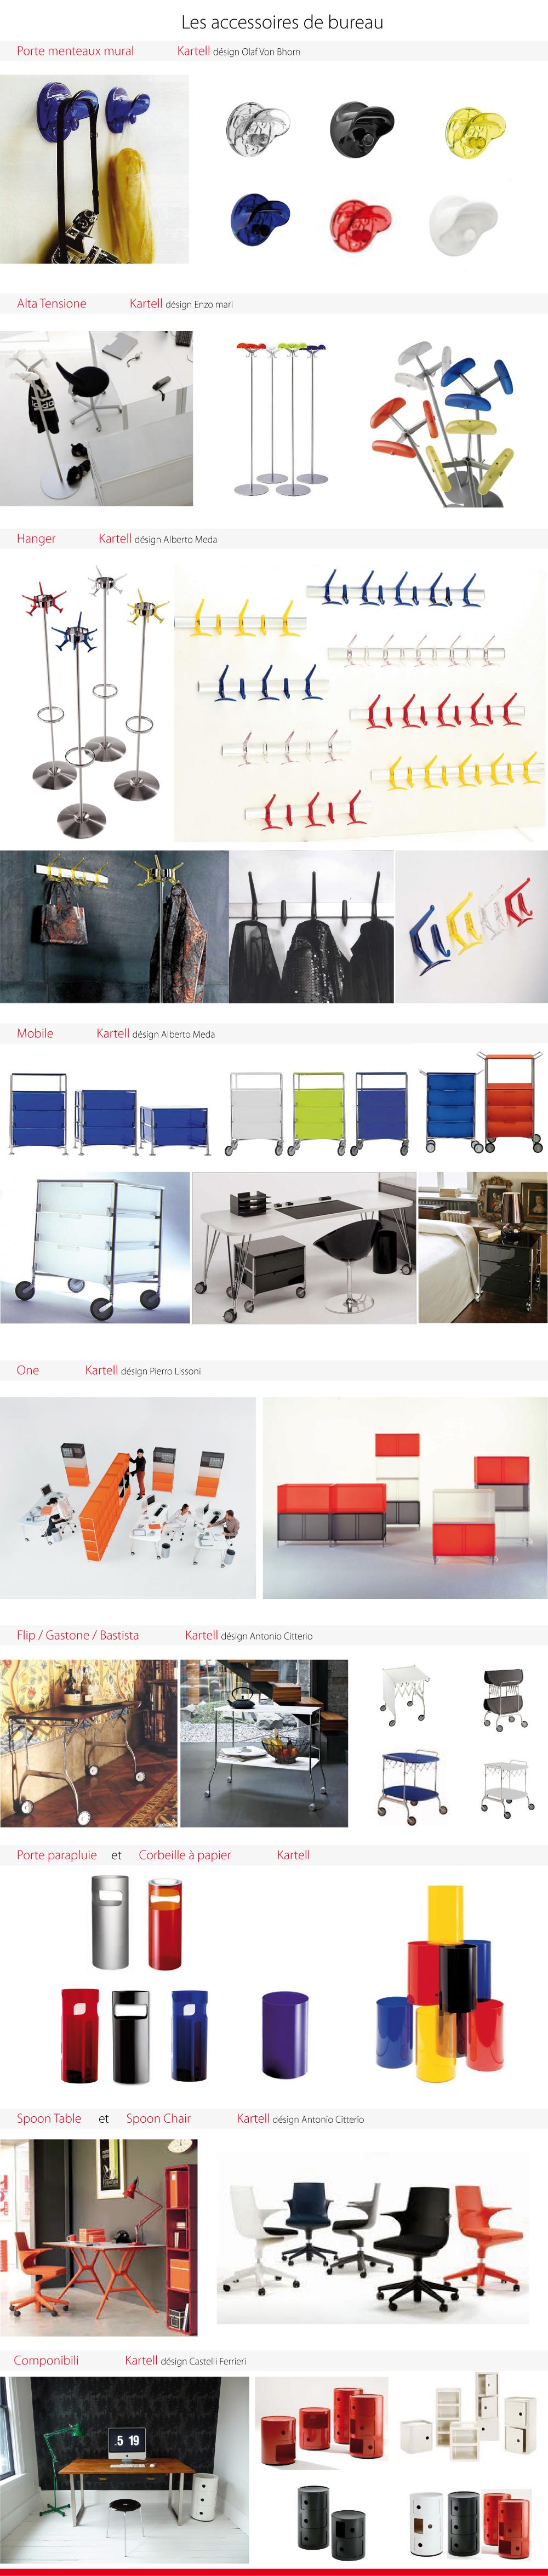 Cuisine salle de bain rangement living dressing fabricant for Accessoire de bureau professionnel